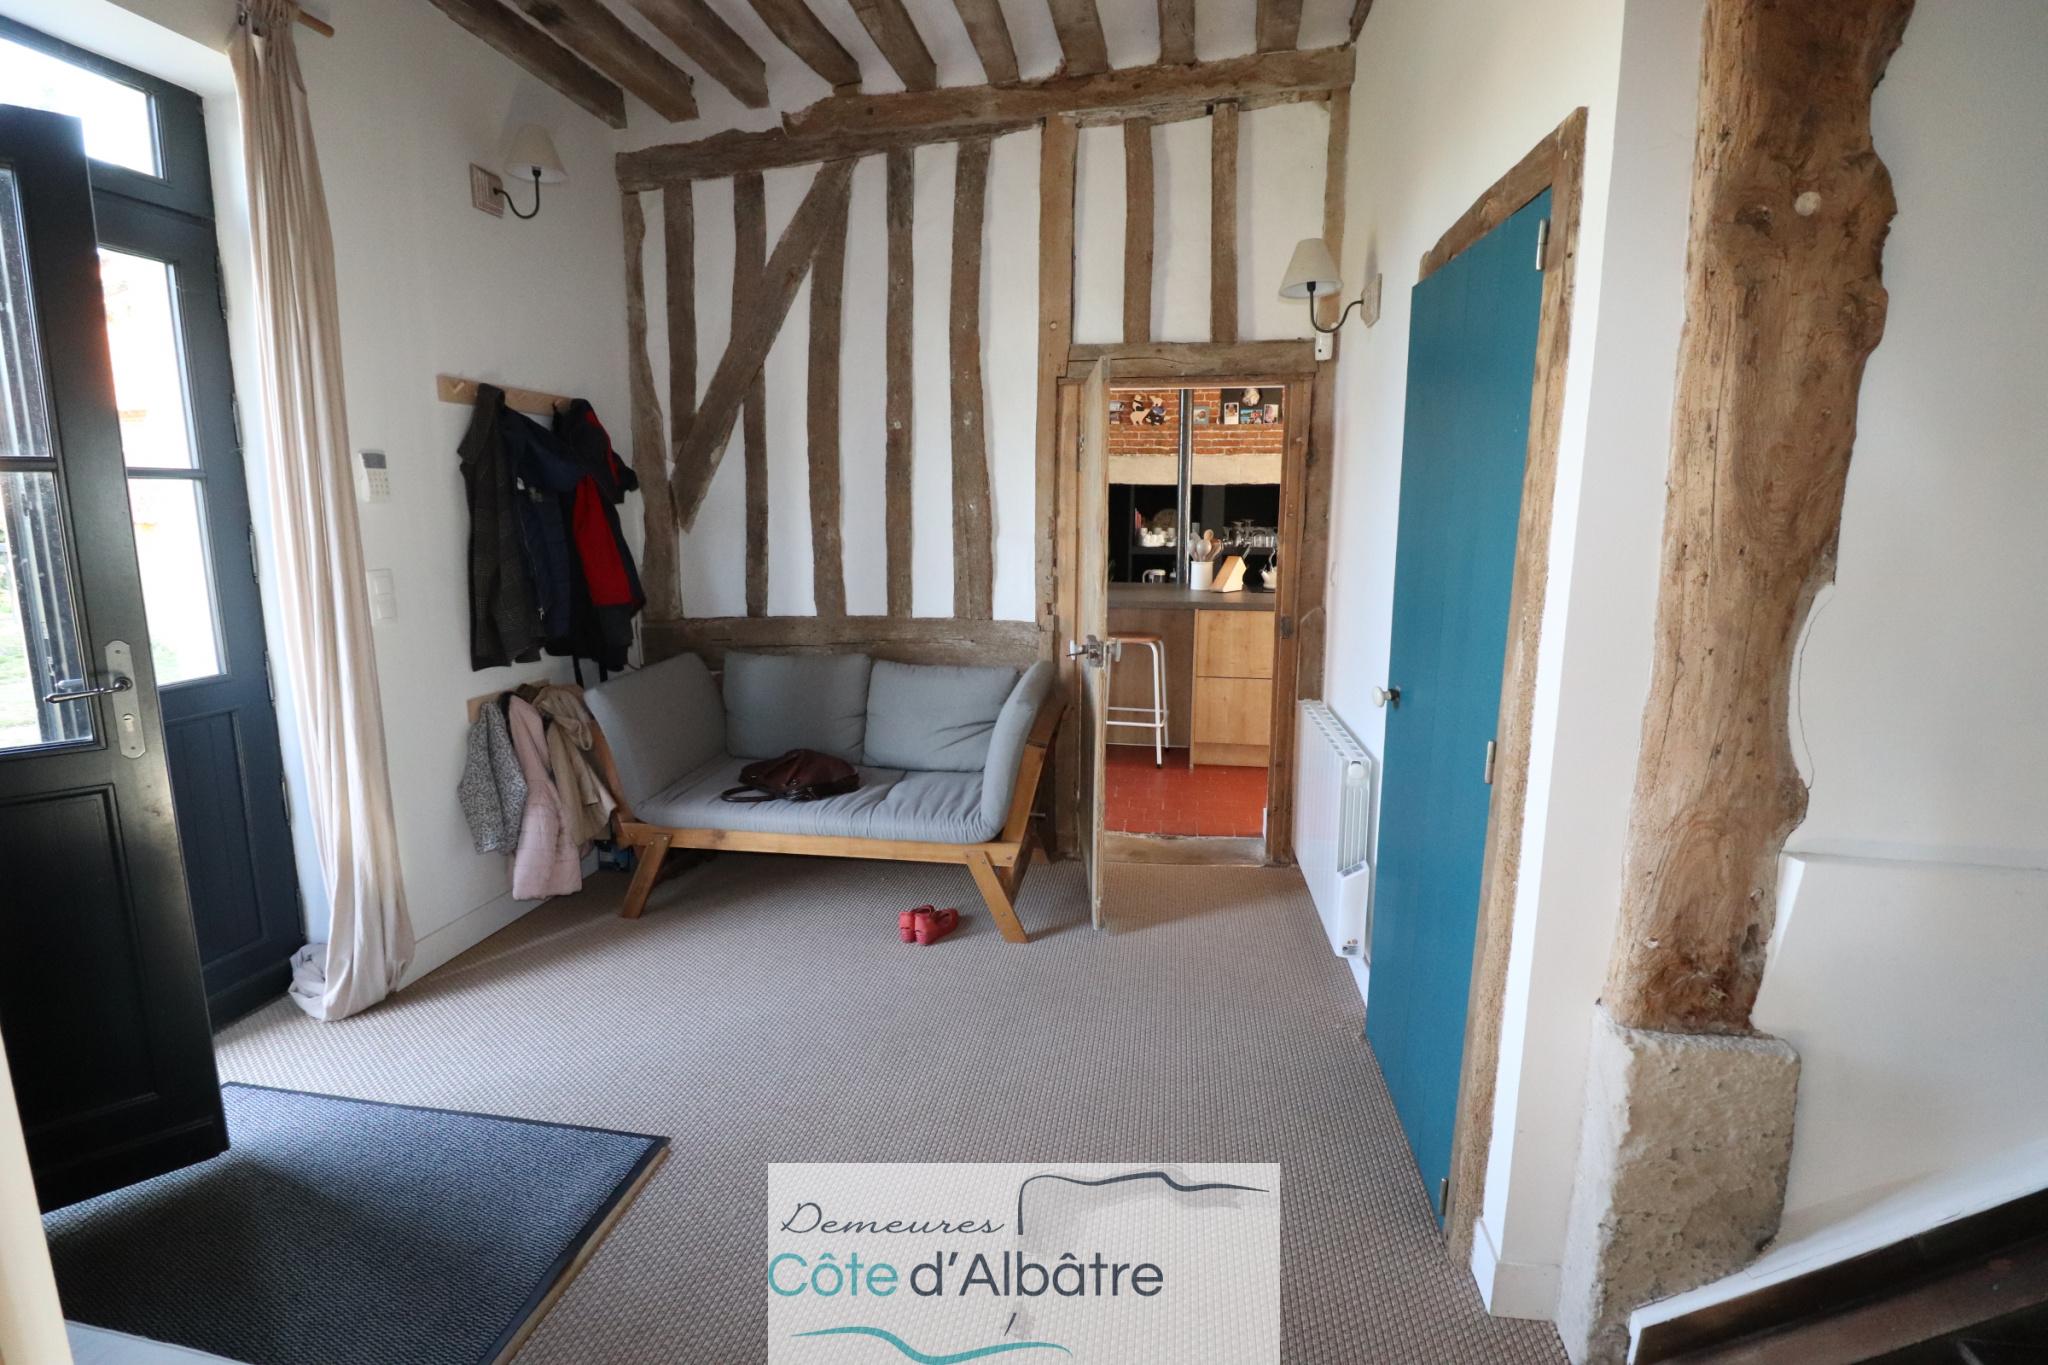 Vente Maison De Maitre 18 Eme Briques Proche Dieppe 3 Km De La Mer A Vendre 76 Haute Normandie Demeure Cote D Albatr